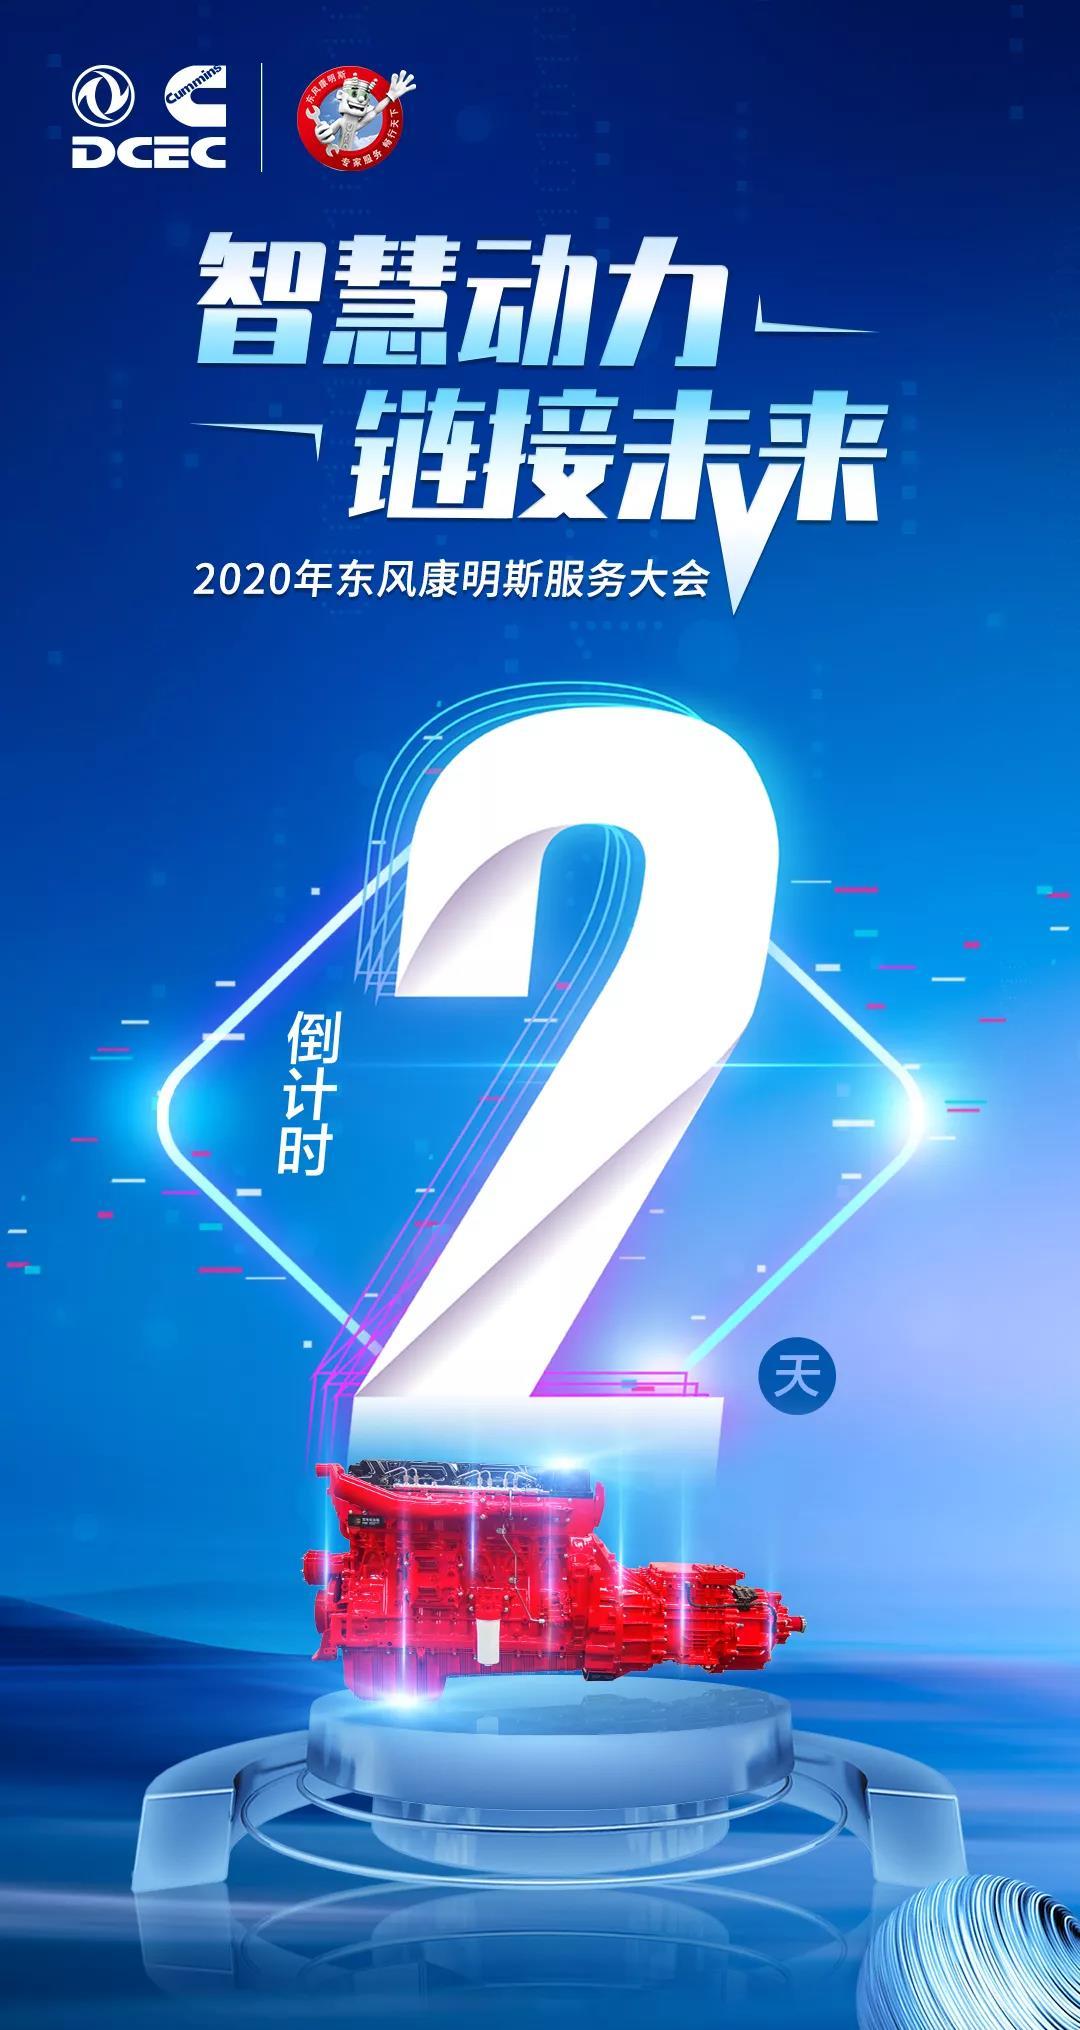 20201201212904.jpg